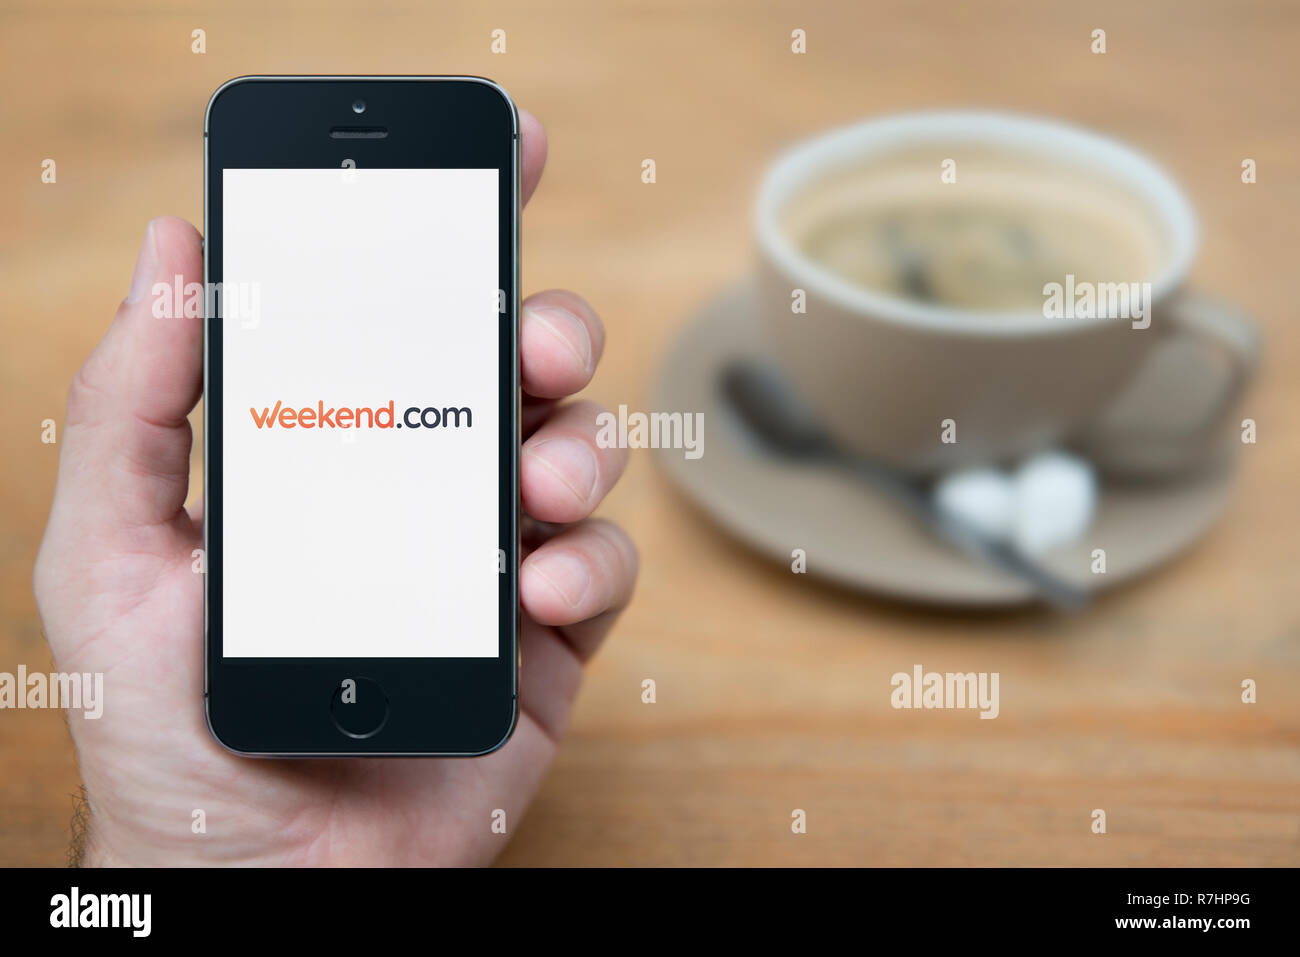 Un hombre mira el iPhone que muestra el logotipo Weekend.com (uso Editorial solamente). Imagen De Stock